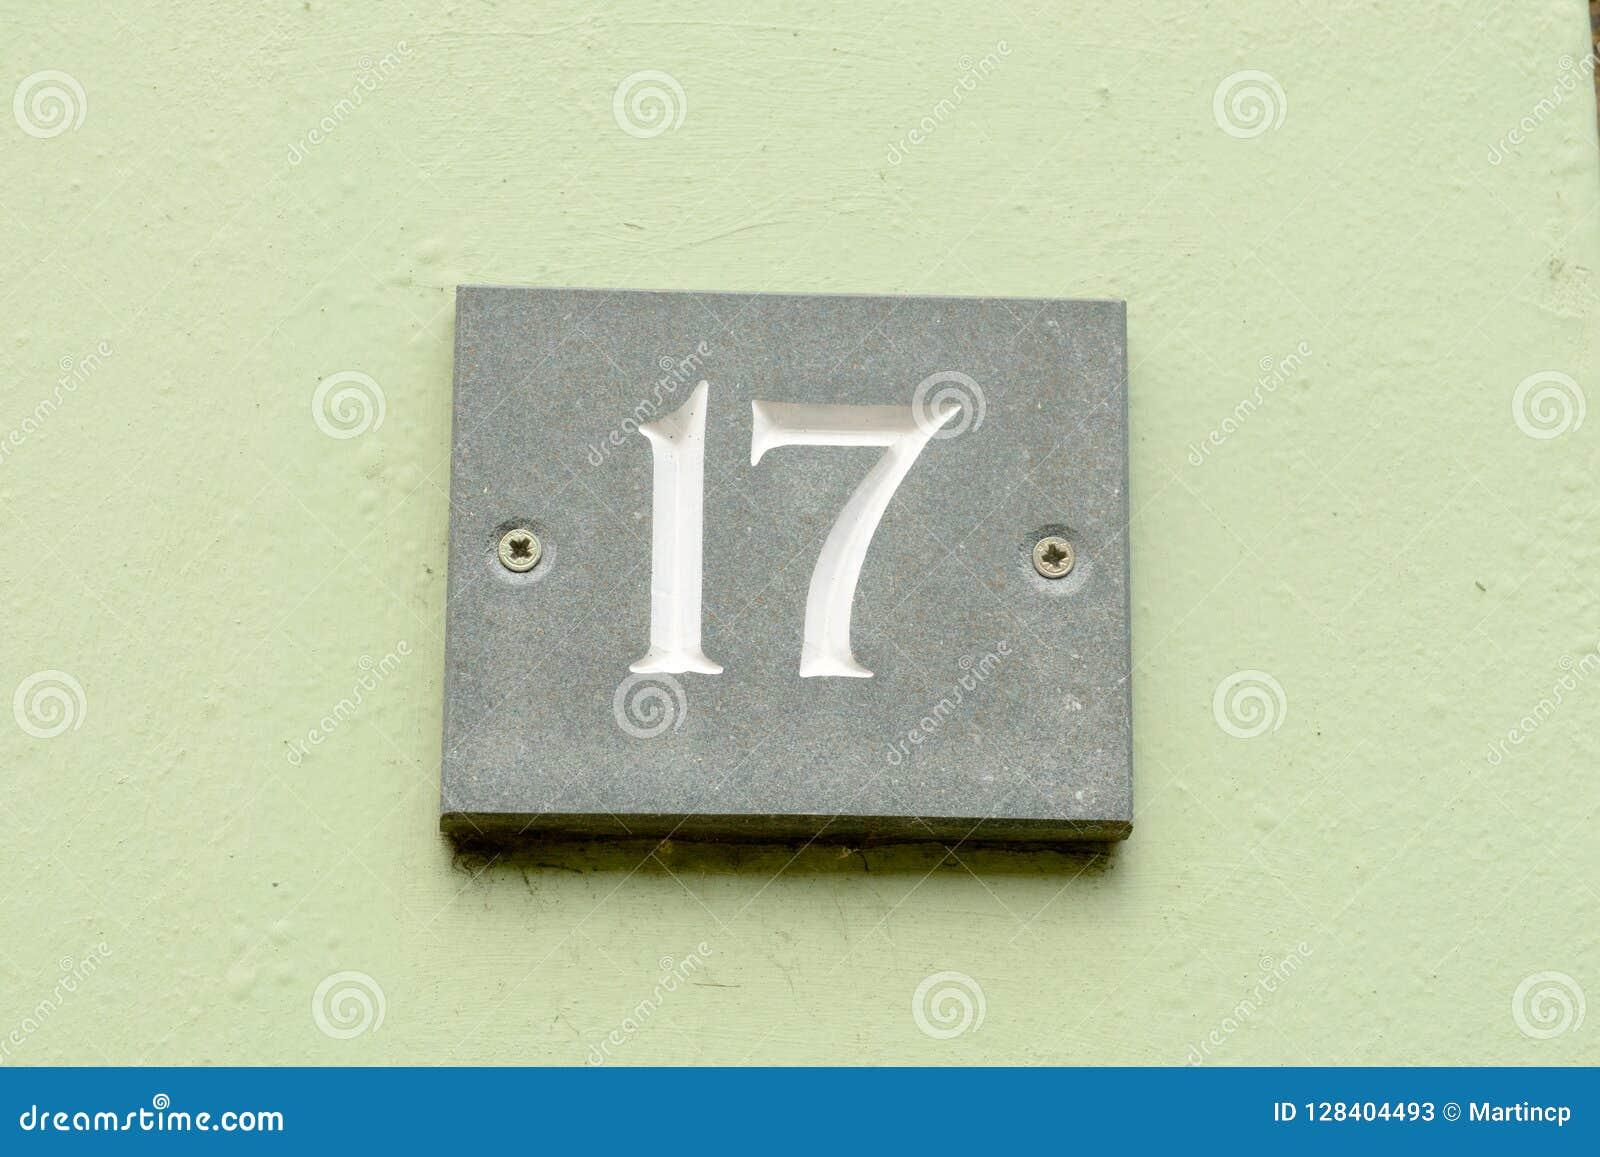 Segno del numero civico 17 sulla parete dipinta verde immagine stock